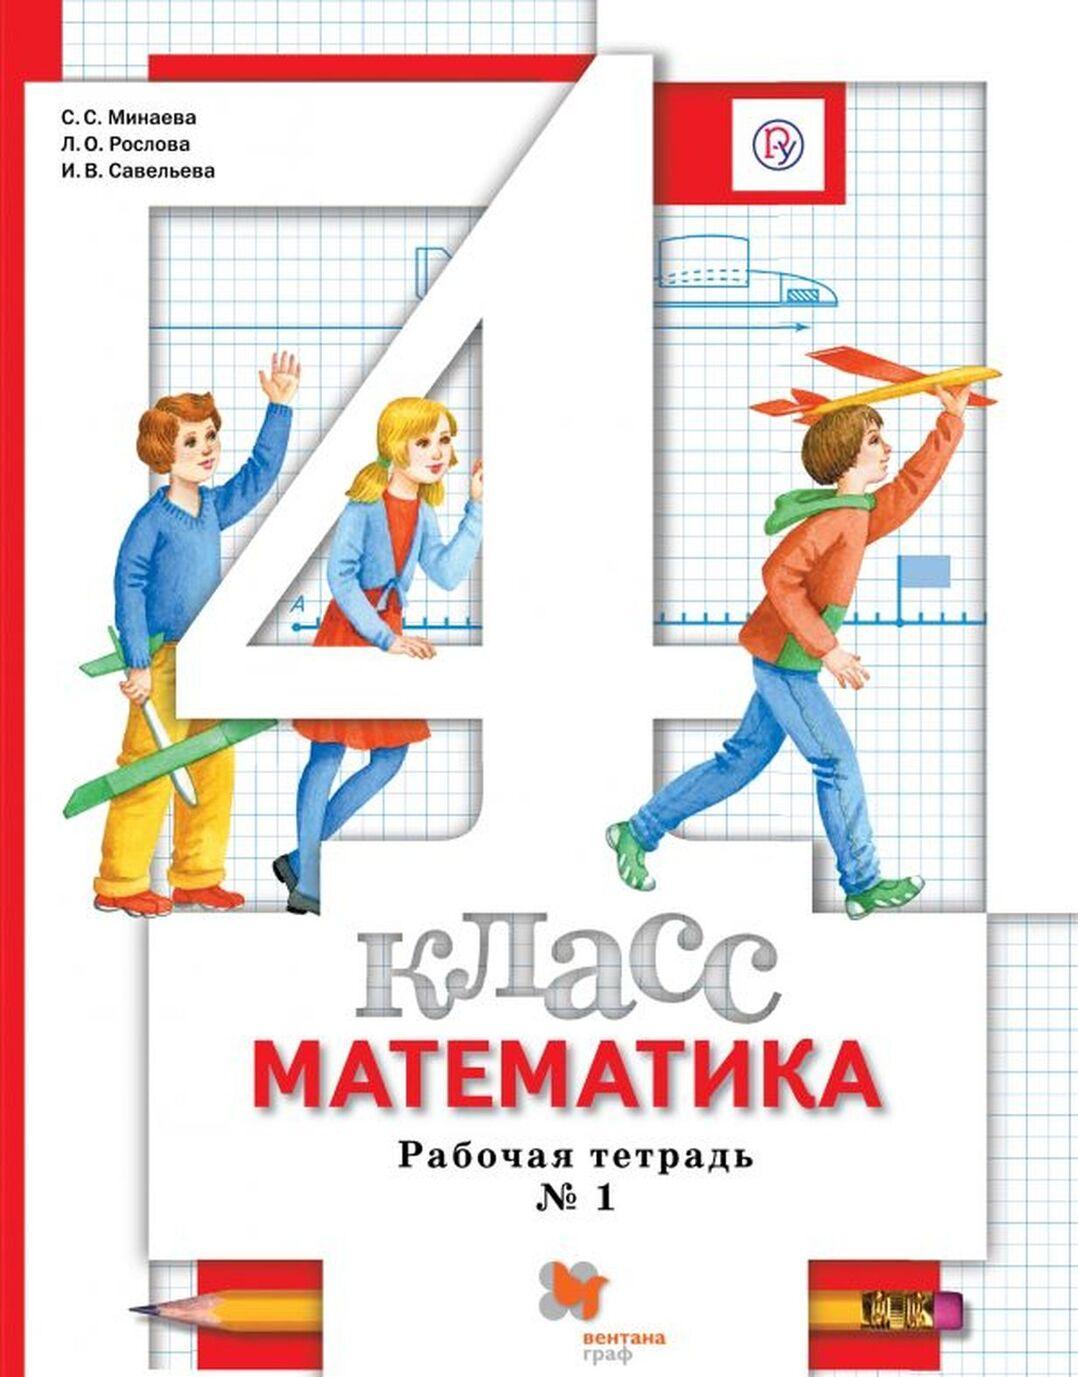 Matematika. 4klass. Rabochaja tetrad. V 2-kh chastjakh. Chast 1 | Minaeva Svetlana Stanislavovna, Saveleva Irina Viktorovna